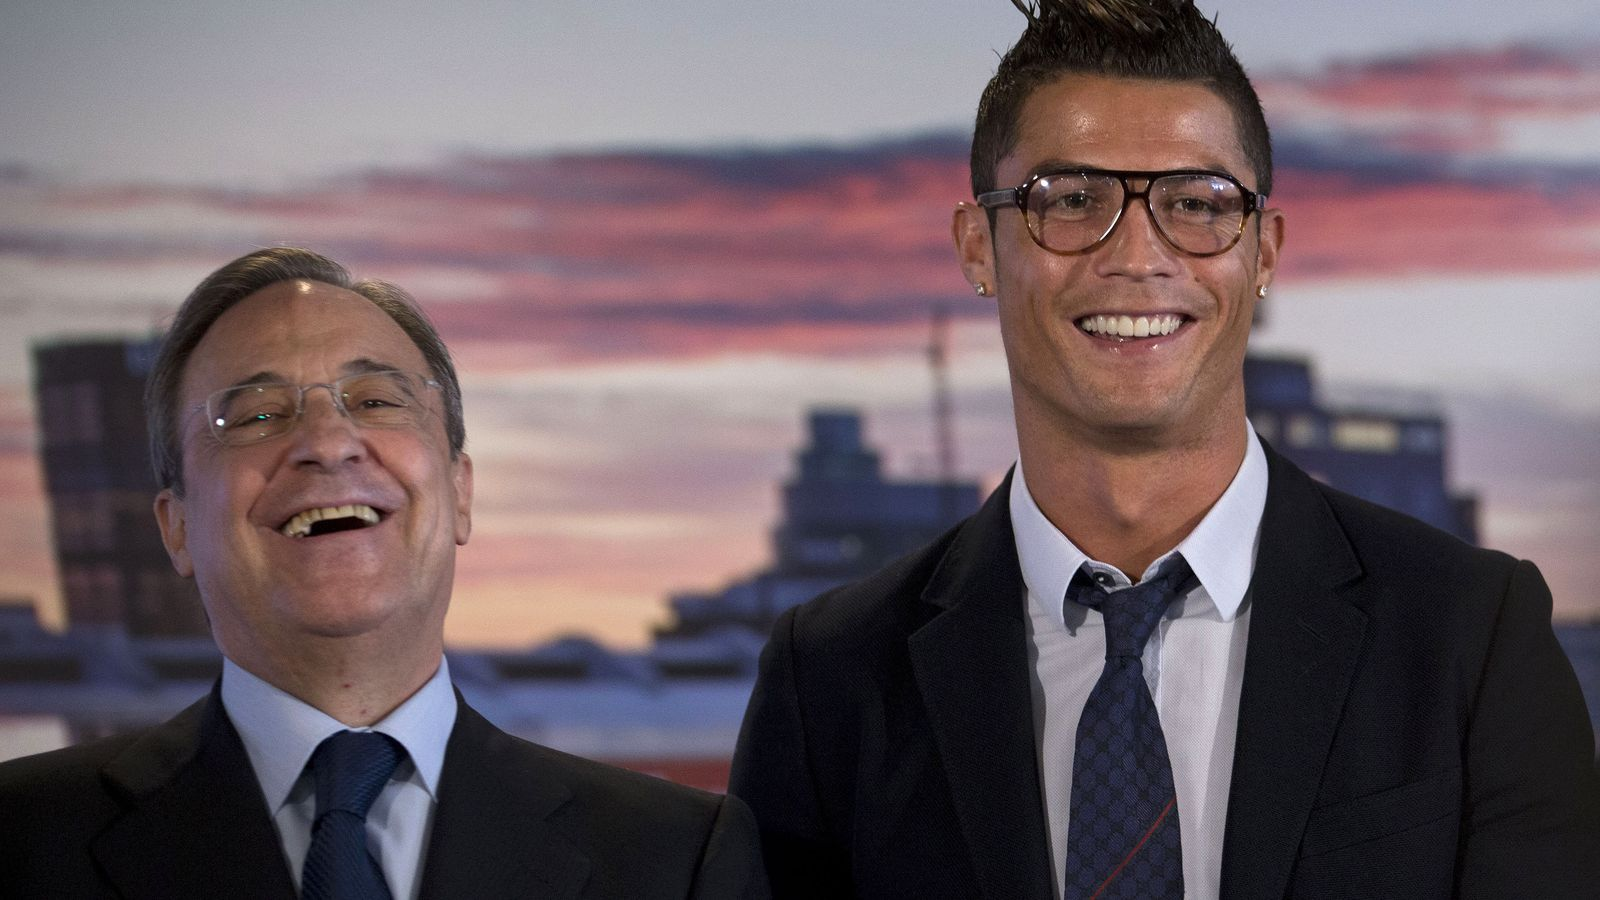 Foto: Florentino Pérez y Cristiano Ronaldo, tras las renovación del portugués con el Real Madrid.